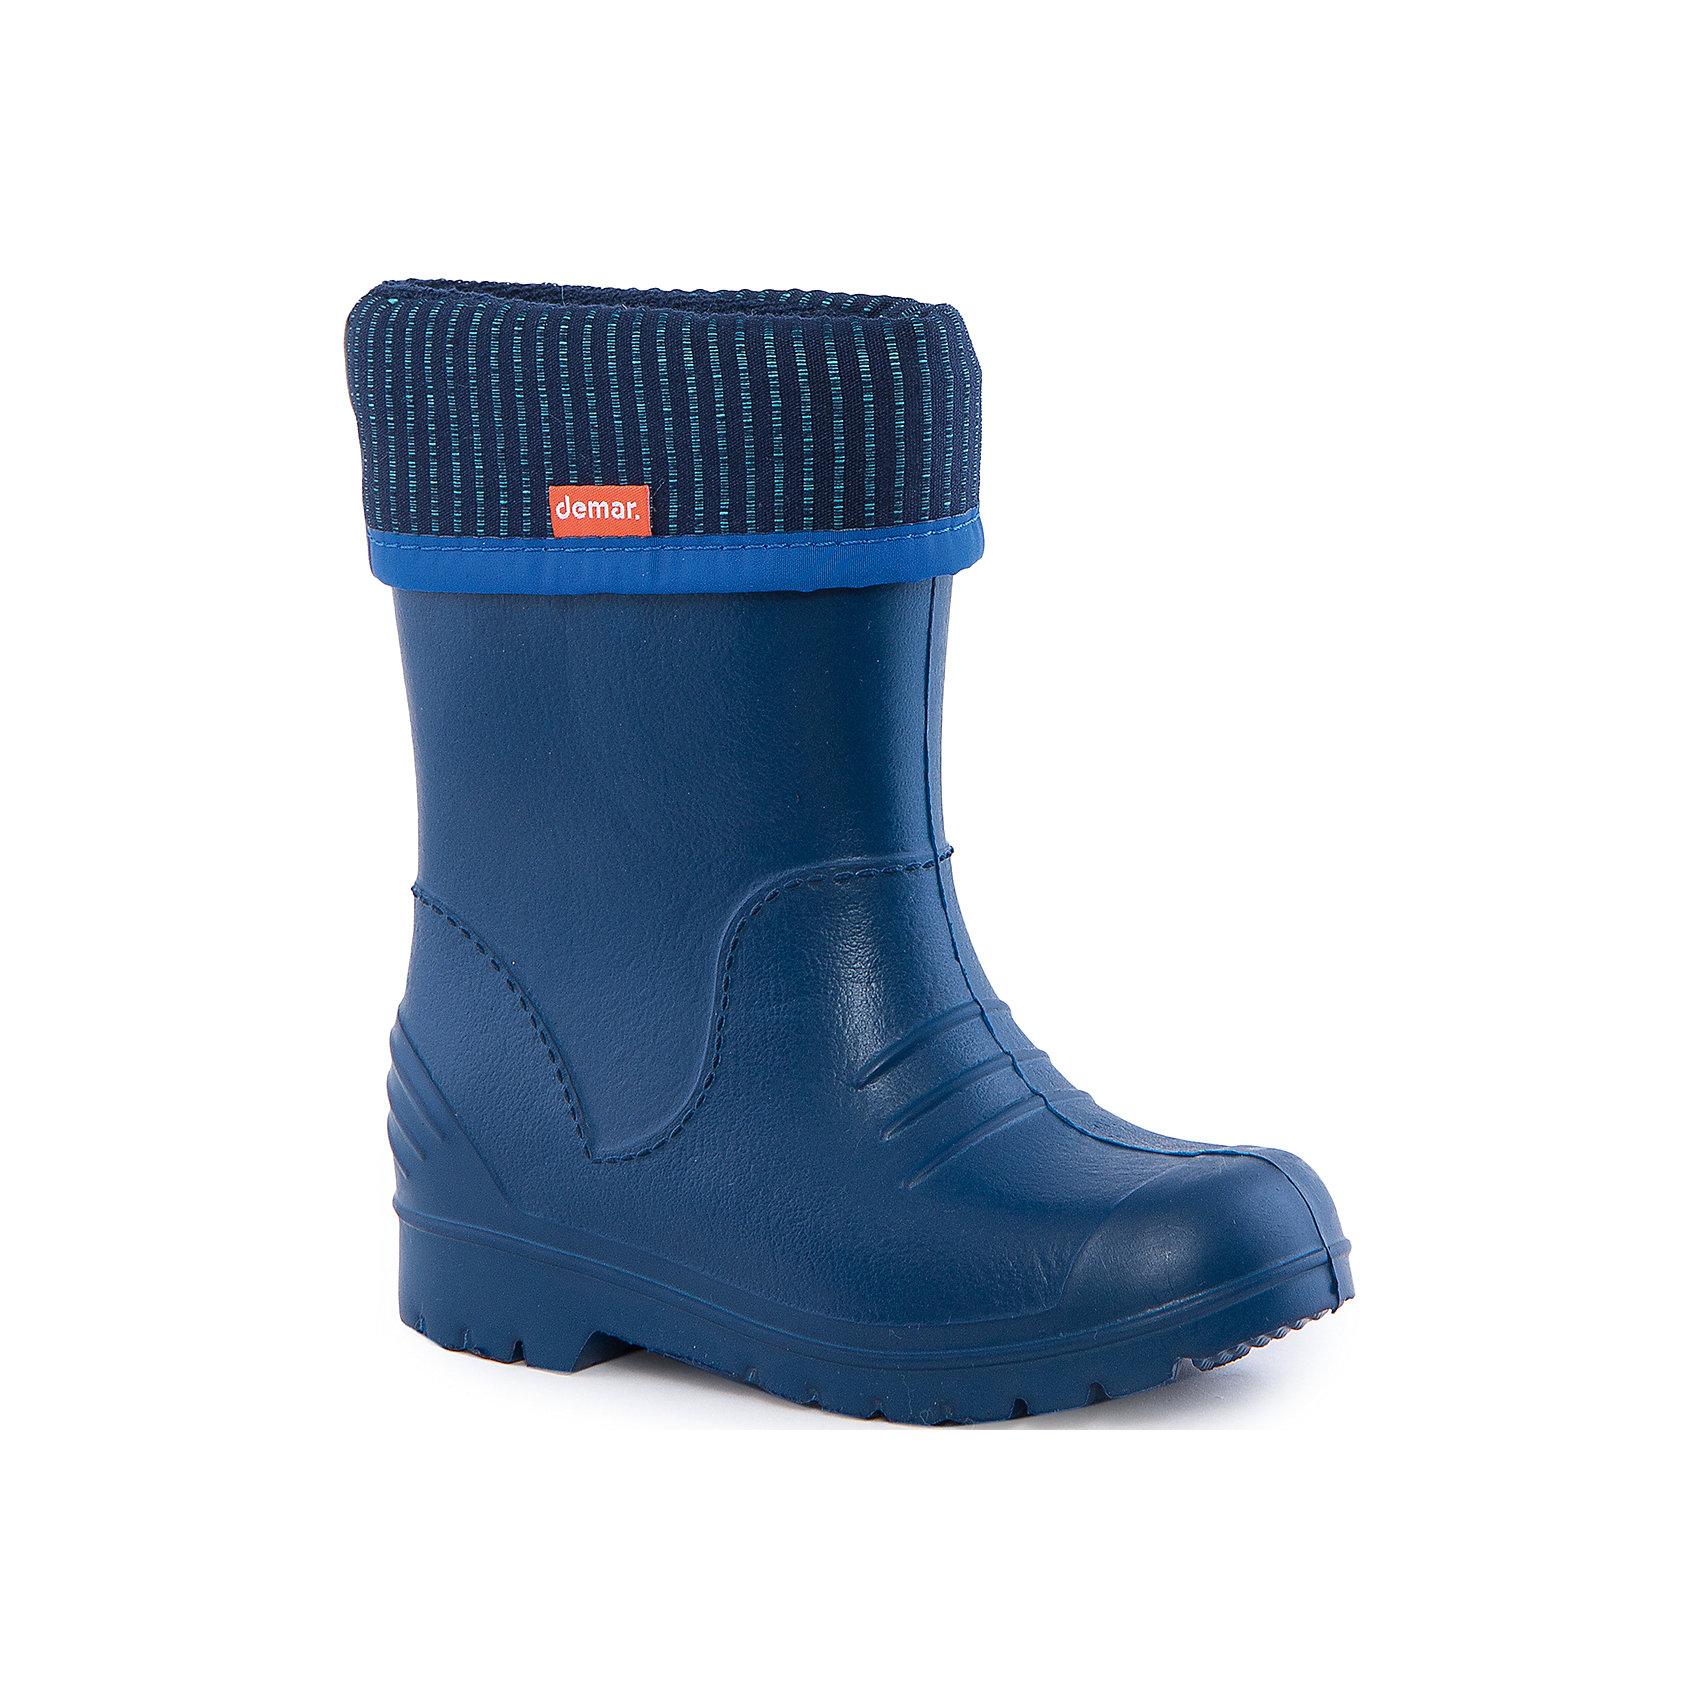 Резиновые сапоги Dino для мальчика DEMARРезиновые сапоги<br>Характеристики товара:<br><br>• цвет: синий<br>• материал верха: ЭВА<br>• материал подкладки: текстиль <br>• съемный внутренний сапожок<br>• материал подошвы: ЭВА<br>• температурный режим: от 0° до +15° С<br>• верх не продувается<br>• стильный дизайн<br>• страна бренда: Польша<br>• страна изготовитель: Польша<br><br>Осенью и весной ребенку не обойтись без непромокаемых сапожек! Чтобы не пропустить главные удовольствия межсезонья, нужно запастись удобной обувью. Такие сапожки обеспечат ребенку необходимый для активного отдыха комфорт, а подкладка из текстиля позволит ножкам оставаться теплыми. Сапожки легко надеваются и снимаются, отлично сидят на ноге. Они удивительно легкие!<br>Обувь от польского бренда Demar - это качественные товары, созданные с применением новейших технологий и с использованием как натуральных, так и высокотехнологичных материалов. Обувь отличается стильным дизайном и продуманной конструкцией. Изделие производится из качественных и проверенных материалов, которые безопасны для детей.<br><br>Сапожки от бренда Demar (Демар) можно купить в нашем интернет-магазине.<br><br>Ширина мм: 237<br>Глубина мм: 180<br>Высота мм: 152<br>Вес г: 438<br>Цвет: разноцветный<br>Возраст от месяцев: 48<br>Возраст до месяцев: 60<br>Пол: Мужской<br>Возраст: Детский<br>Размер: 34/35,22/23,28/29,32/33,30/31,36/37,26/27,24/25<br>SKU: 4576144